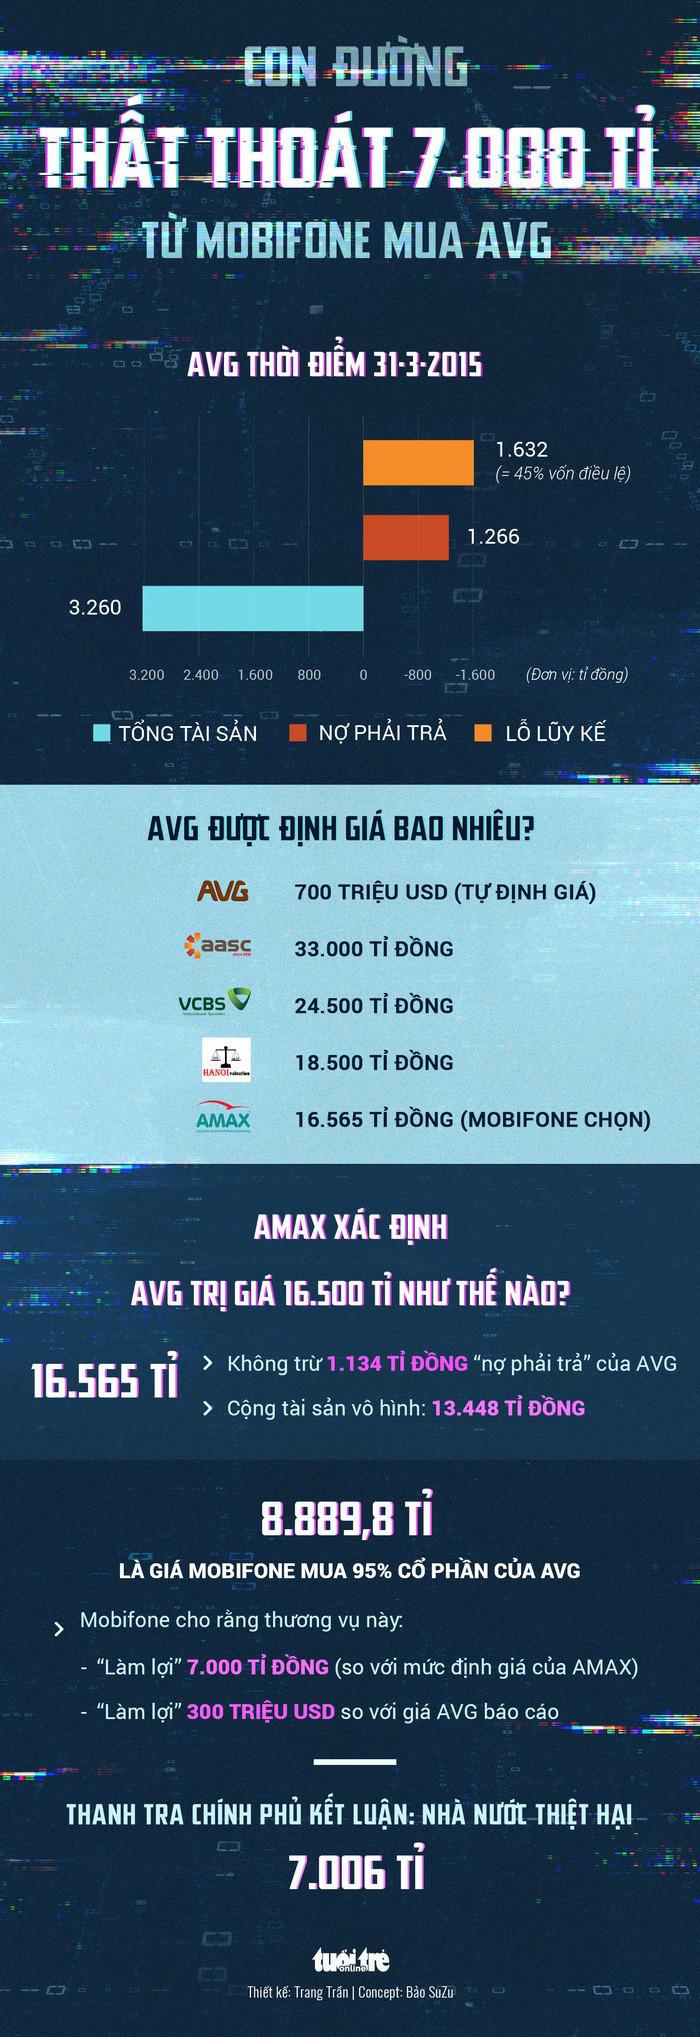 Các cổ đông AVG đã trả 4.533 tỉ đồng cho MobiFone - Ảnh 2.